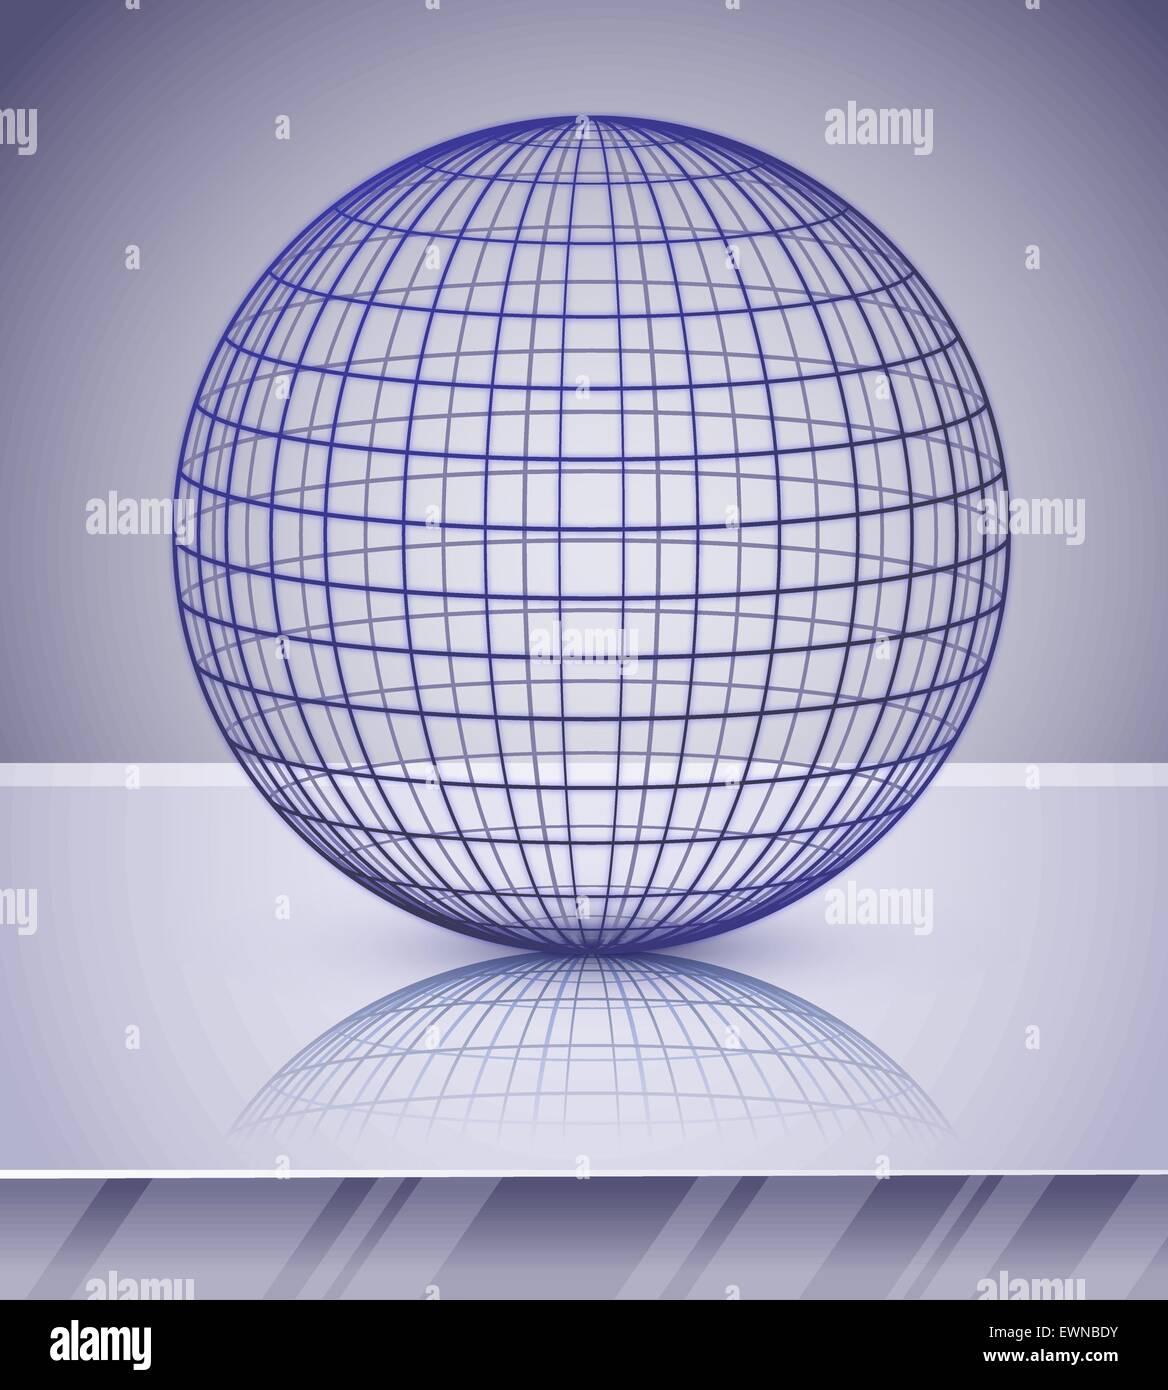 Großartig Draht Globus Vektor Zeitgenössisch - Elektrische ...